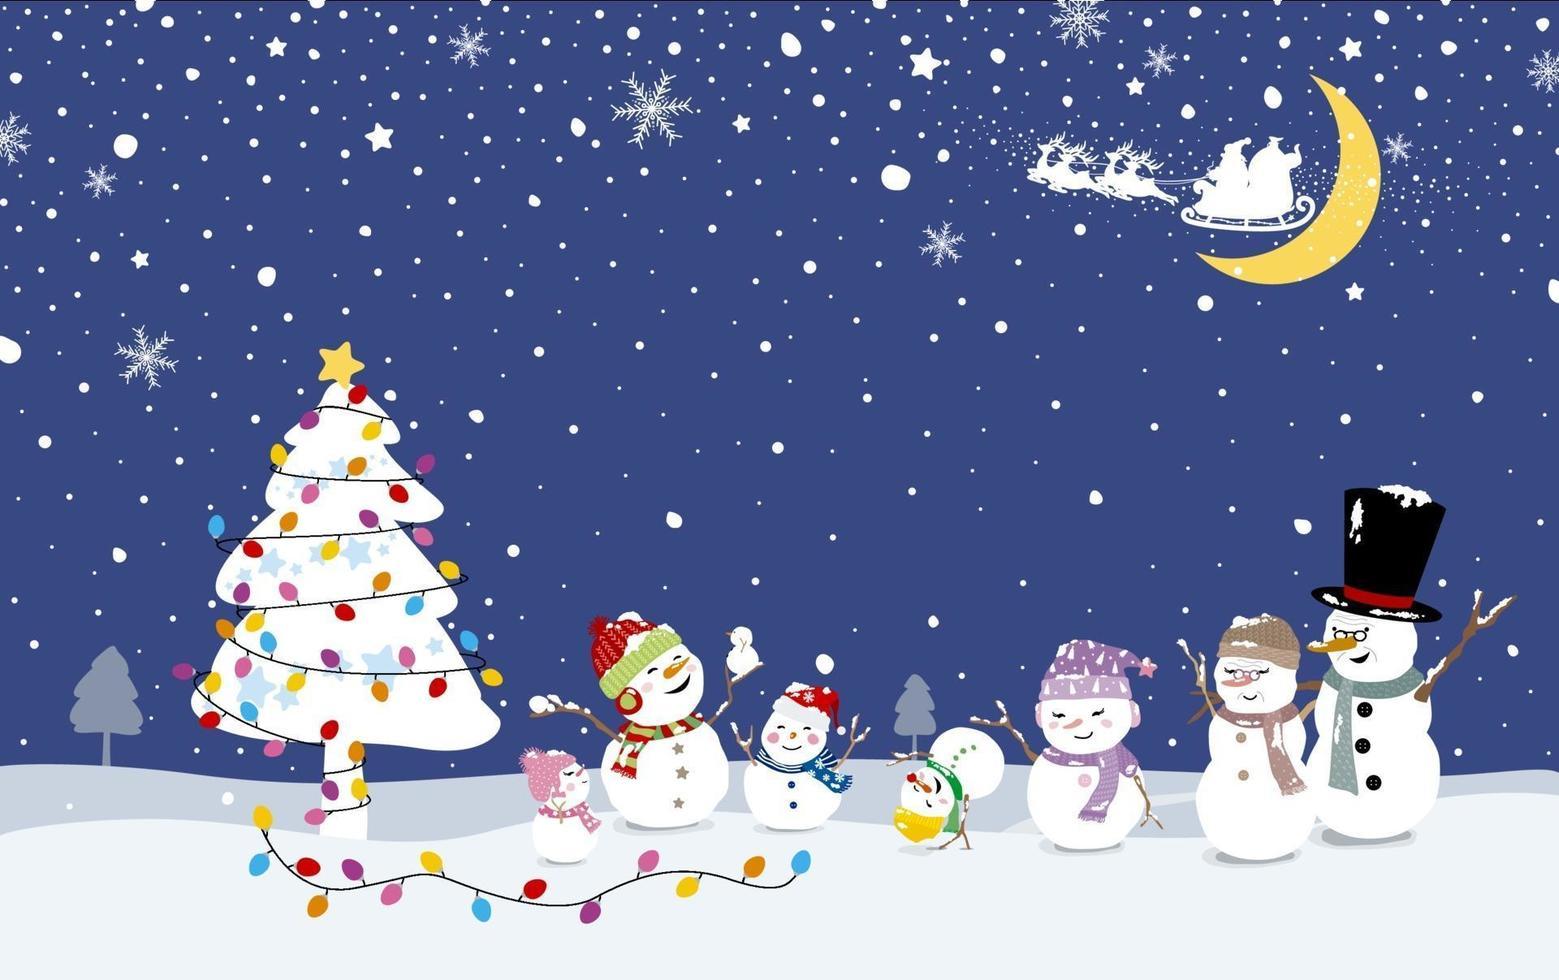 Diseño de tarjeta de Navidad de la familia de muñeco de nieve con árbol de Navidad en la ilustración de vector de invierno